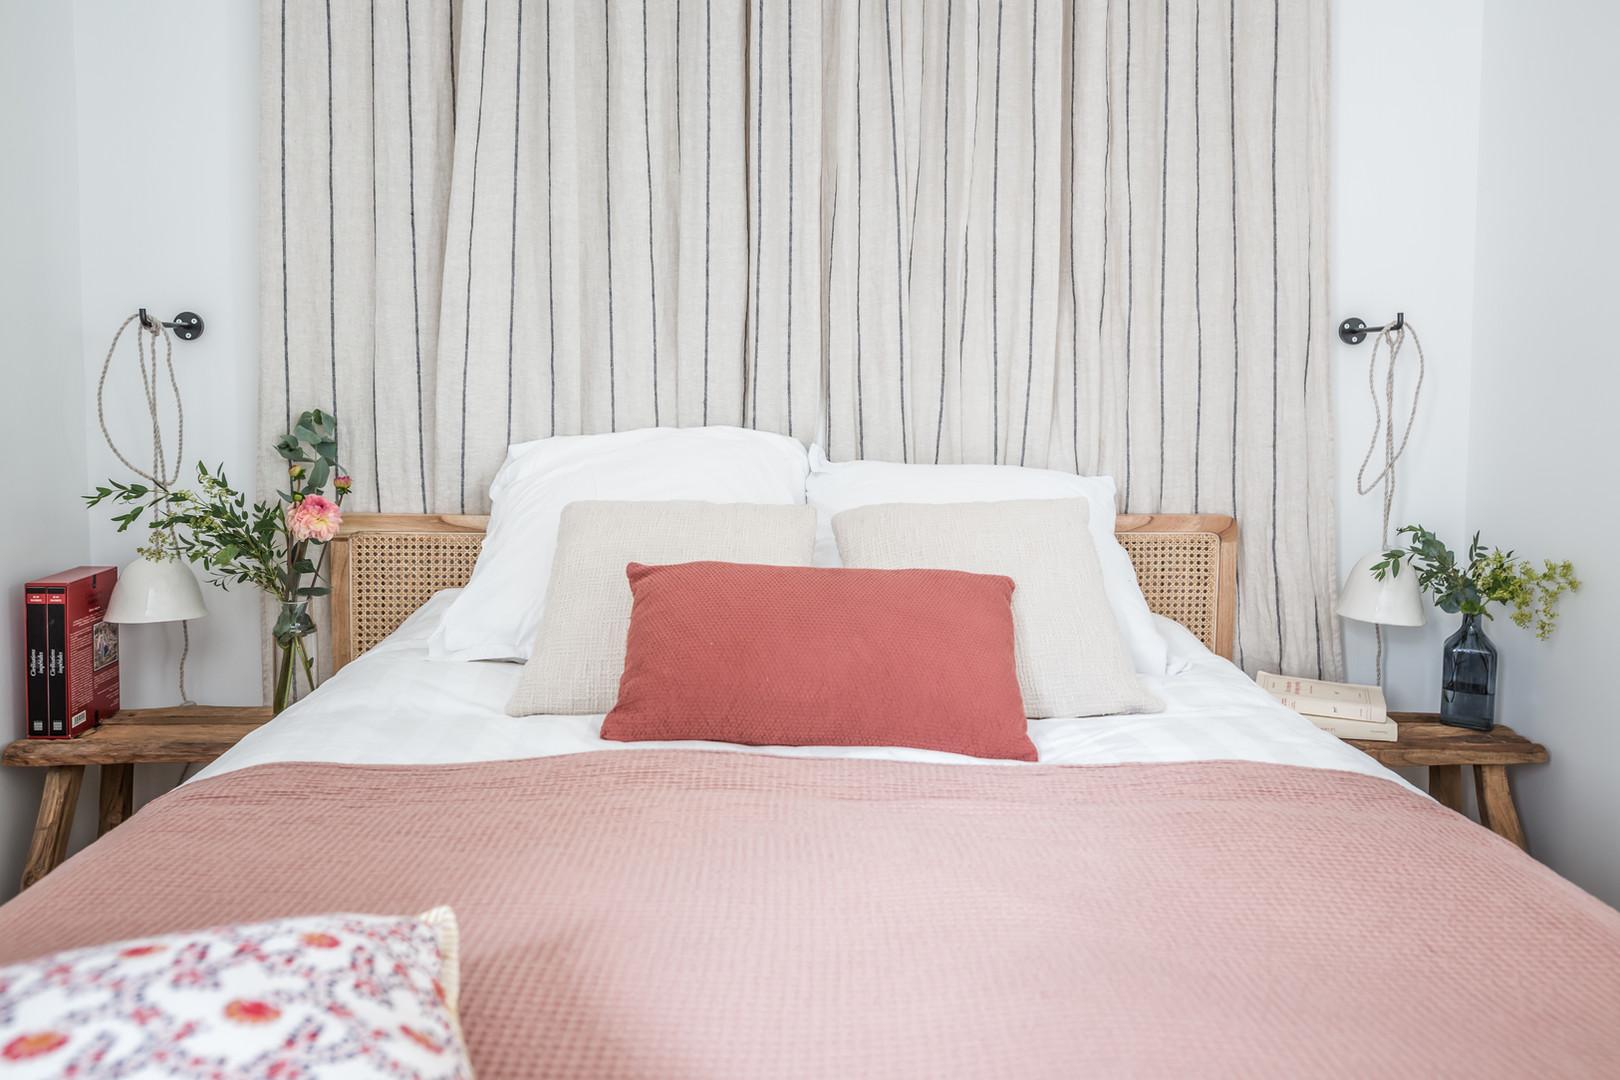 Tête de lit chambre d'amis